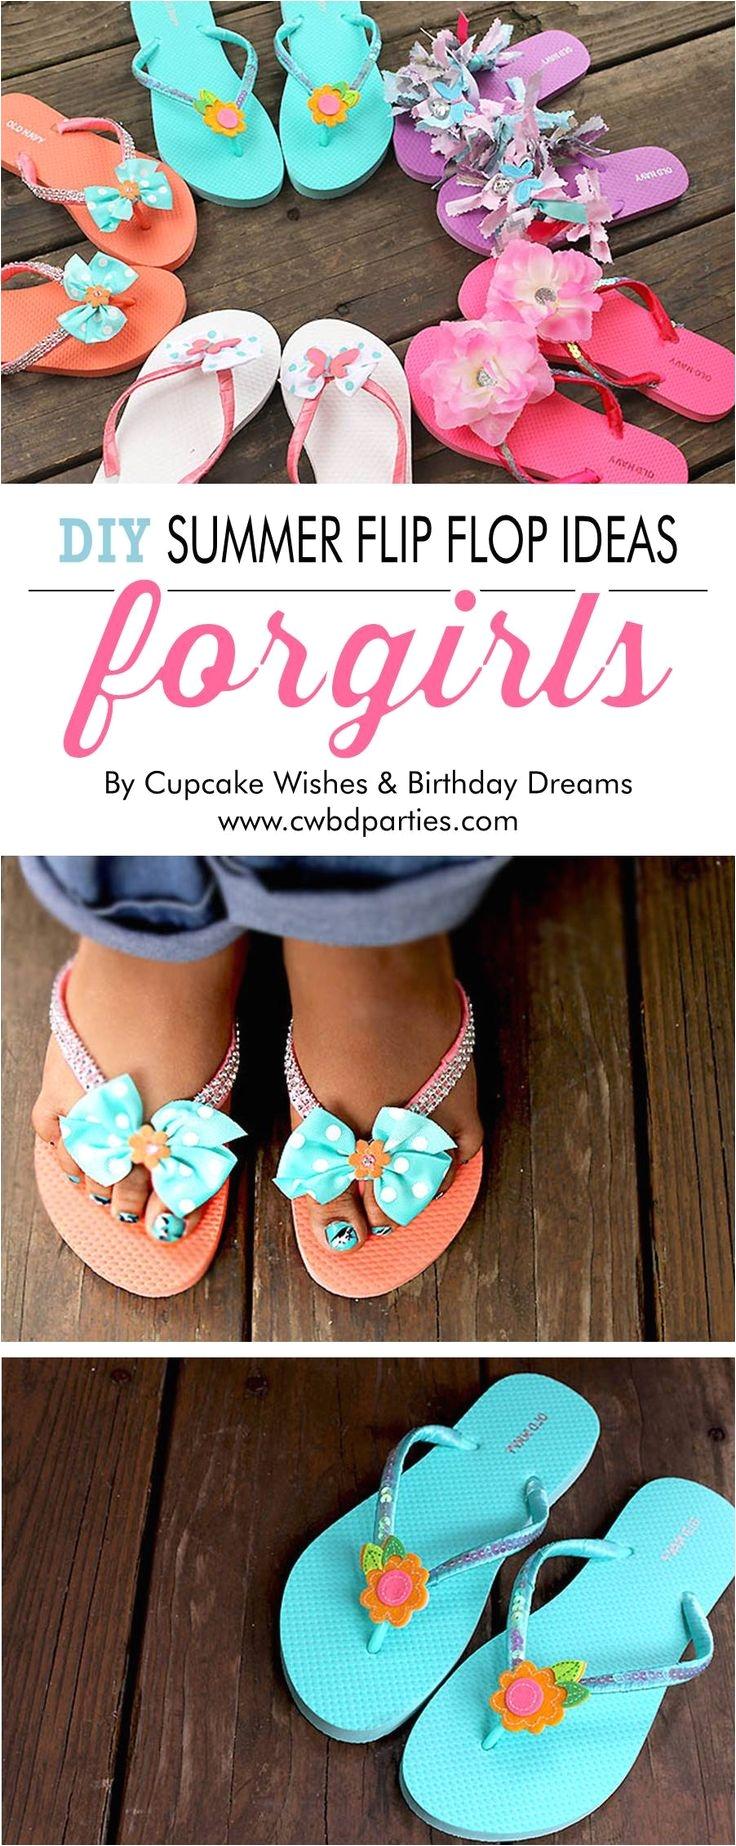 Easy Flip Flop Decorating Ideas 207 Best Flip Flops Diy Images On Pinterest Flip Flops Diy